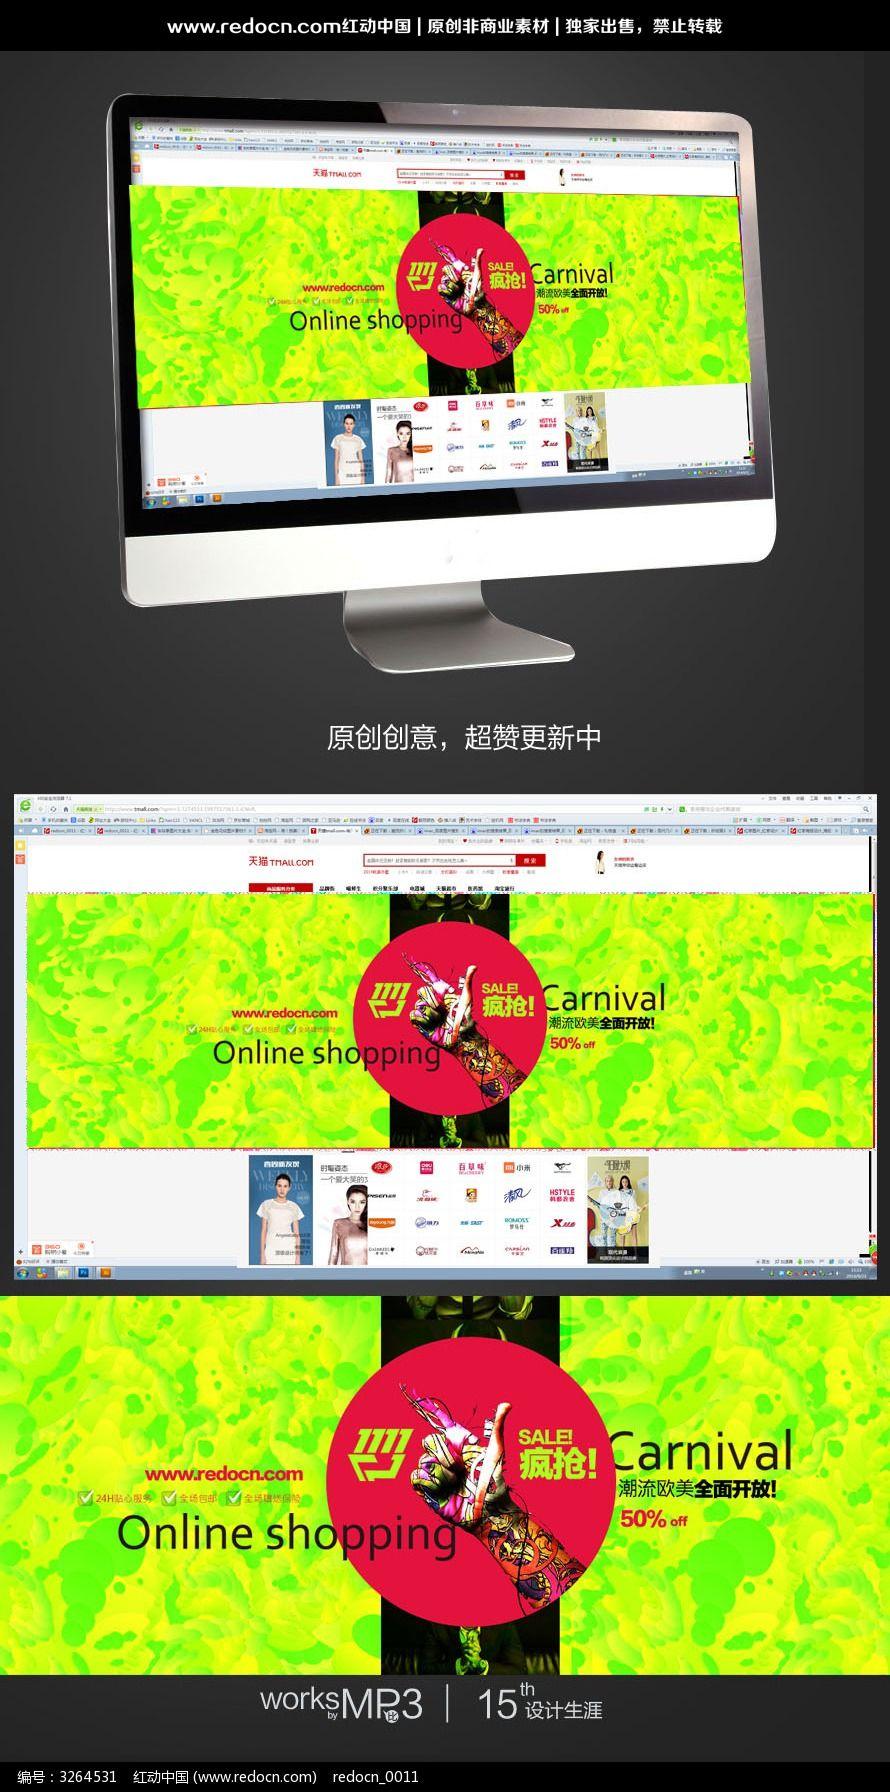 双11全民疯抢淘宝海报图片